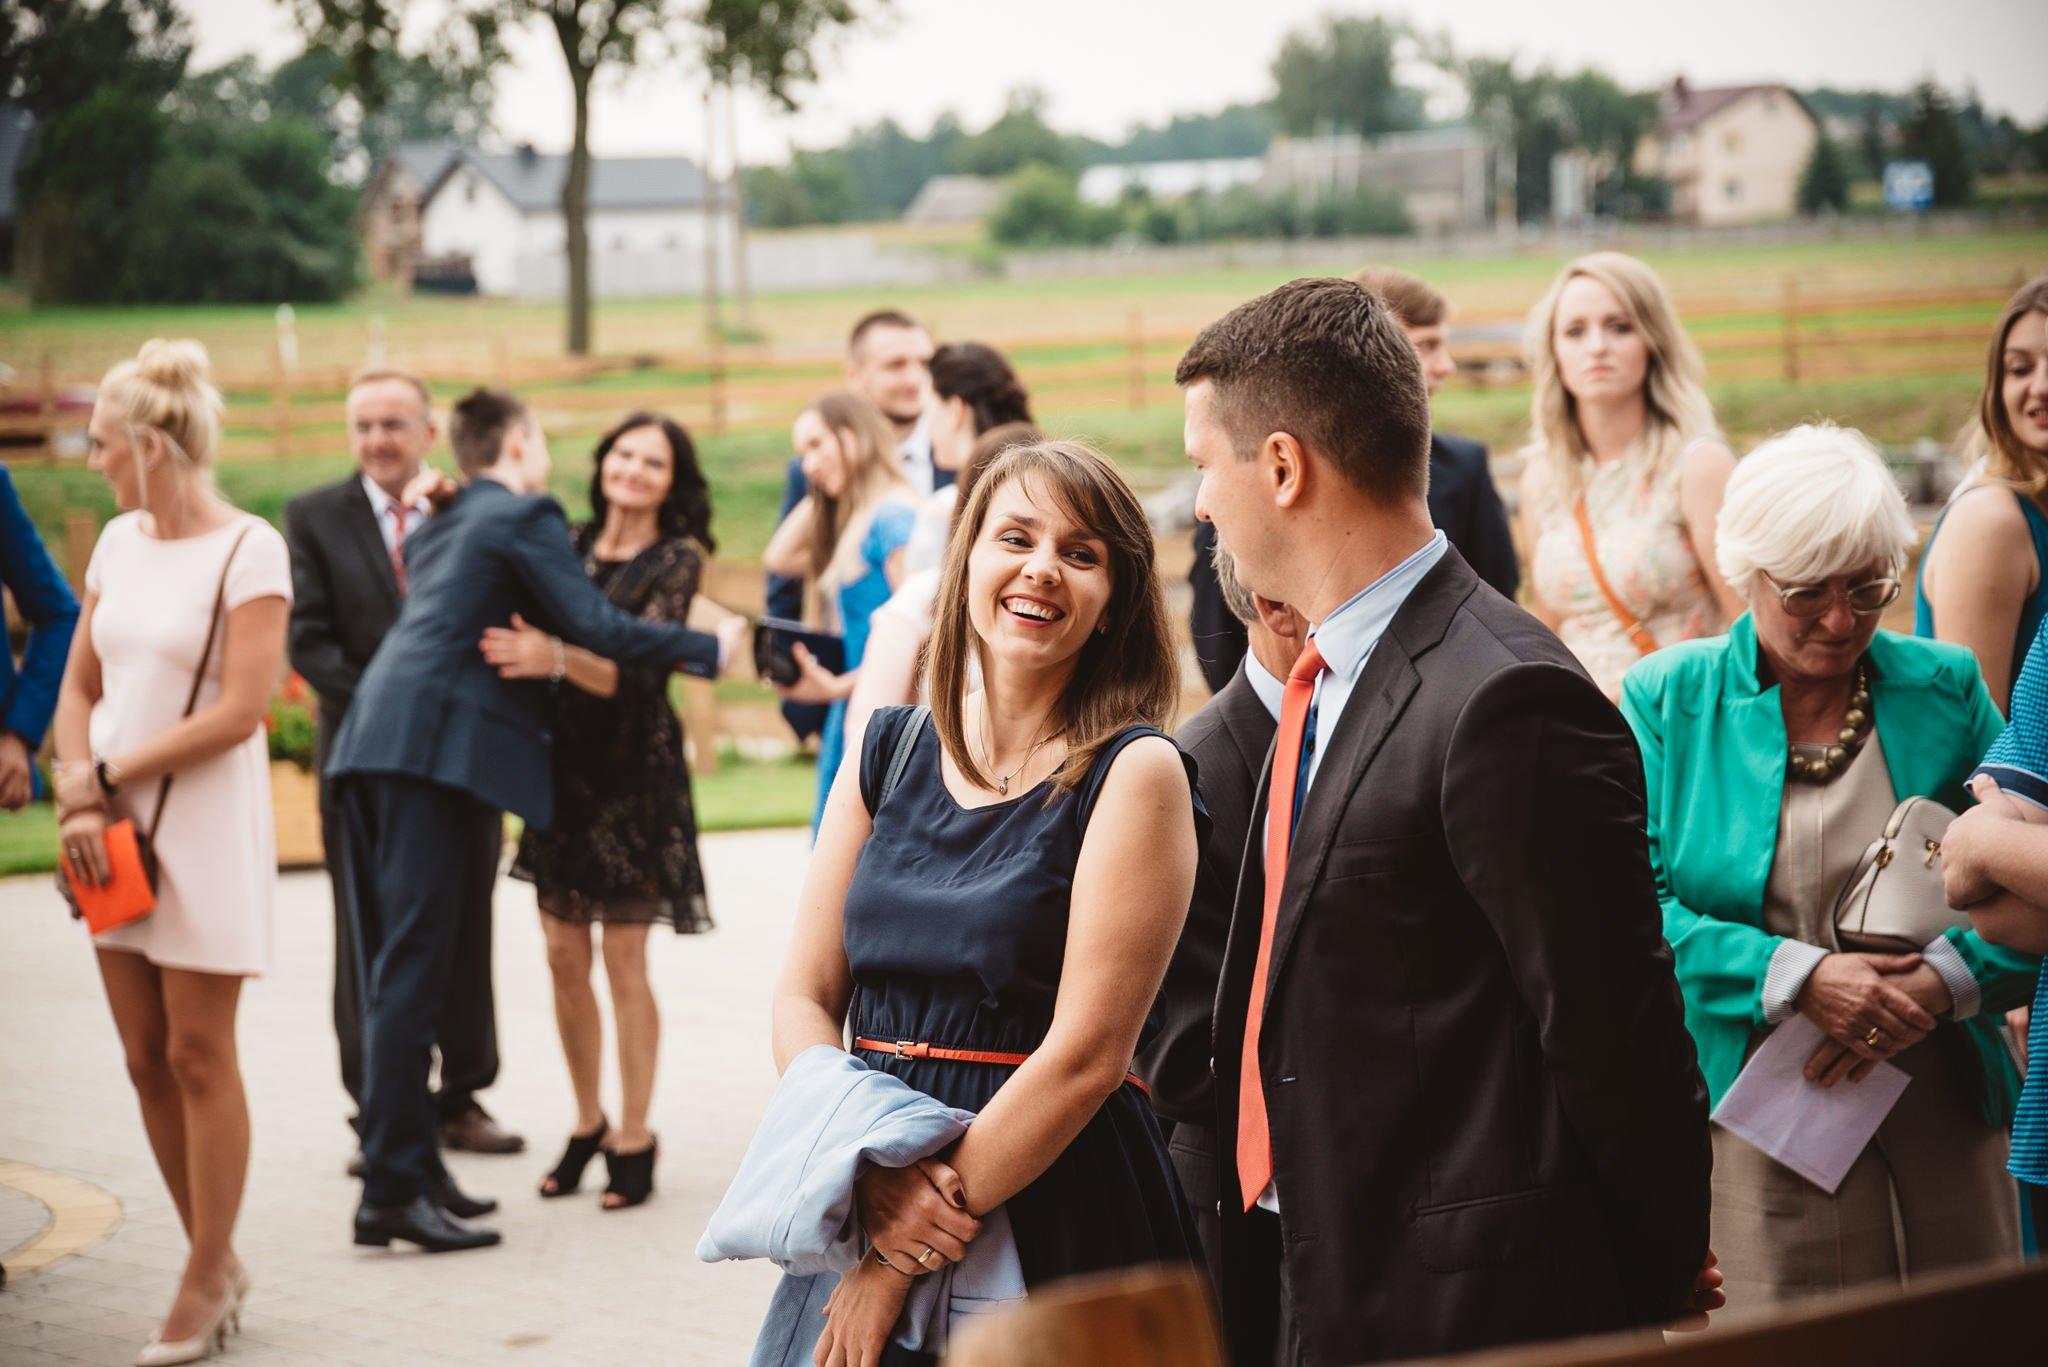 Ala i Arek, czyli jak zorganizować ślub i wesele w 4 tygodnie! 149